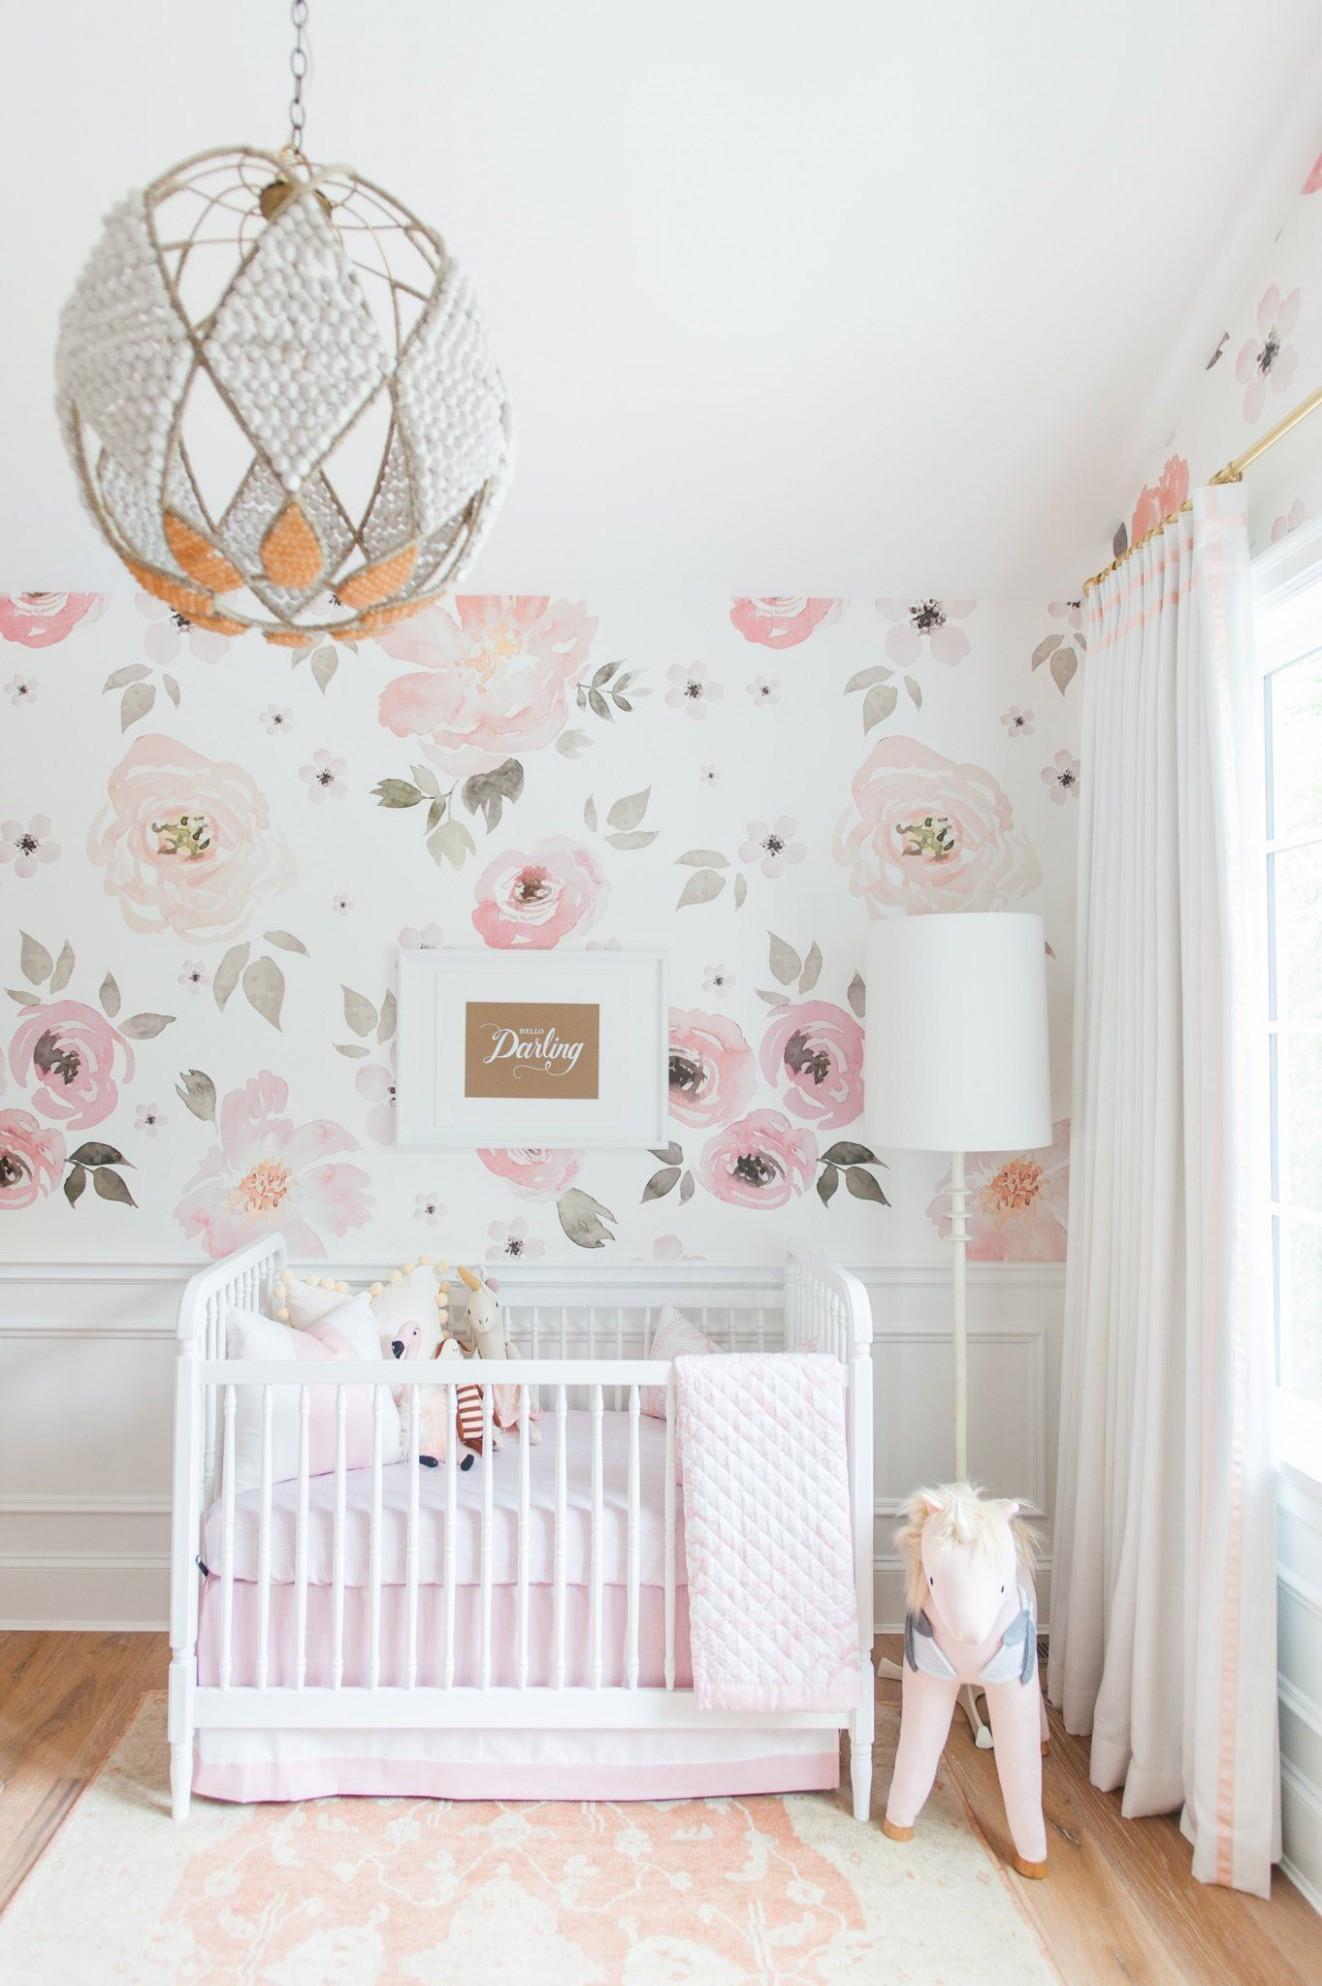 Jolie Wallpaper Mural  Girl room, Baby girl room, Kid room decor - Baby Room Wallpaper